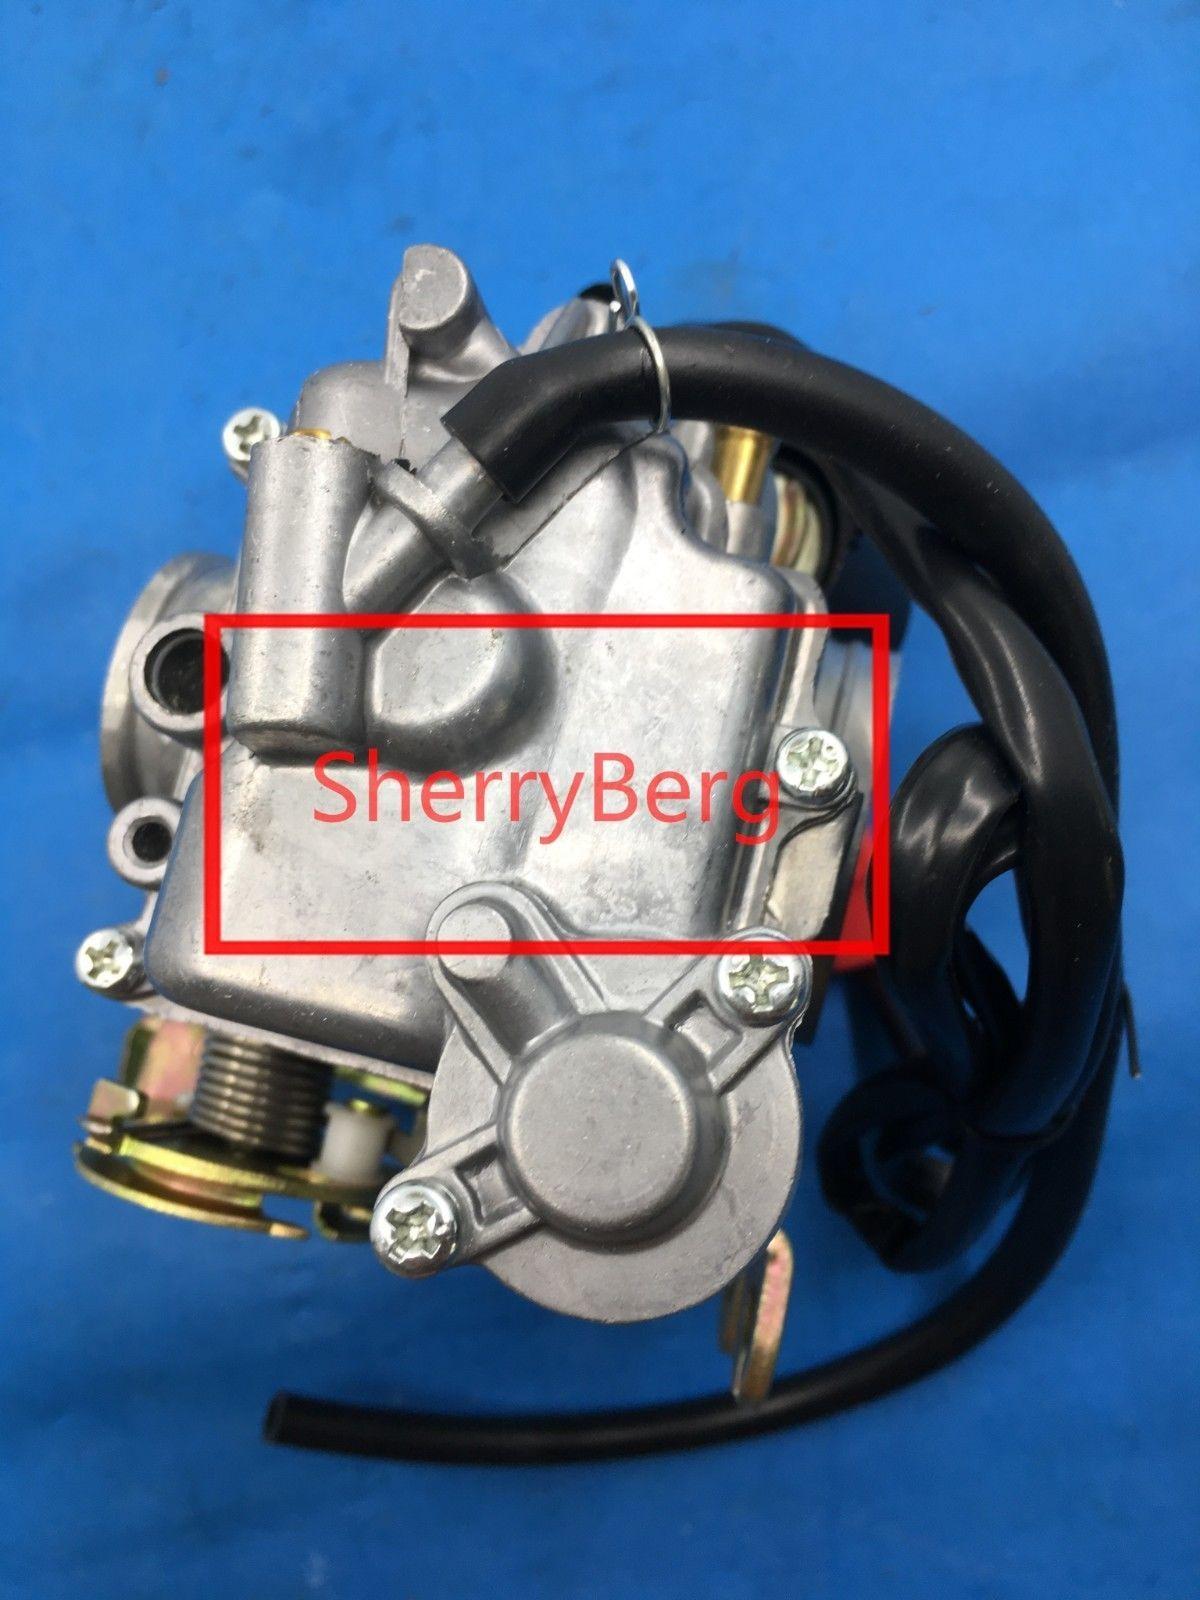 Bernard Bertha Cam Camshaft Timing Oil Control Valve Sensor Driver Side LH 1GRFE 15340-31010 1534031010 15340-0P010 for Toyota 4.0L V6